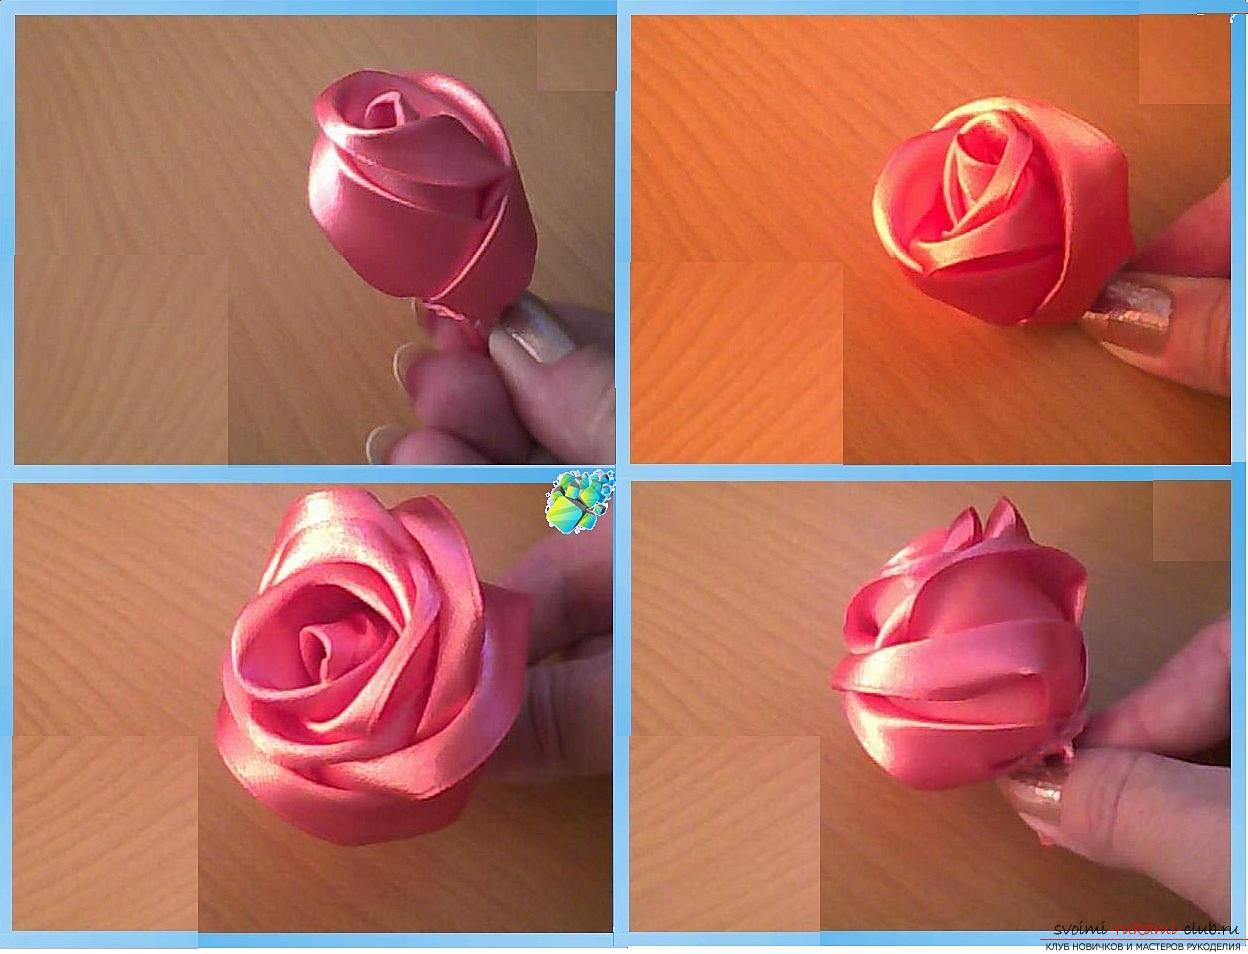 Как сделать розы из ленты своими руками, пошаговые фото и инструкция по созданию цветка, семь вариантов роз из ленты в виде бутонов и распустившихся цветов. Фото №15